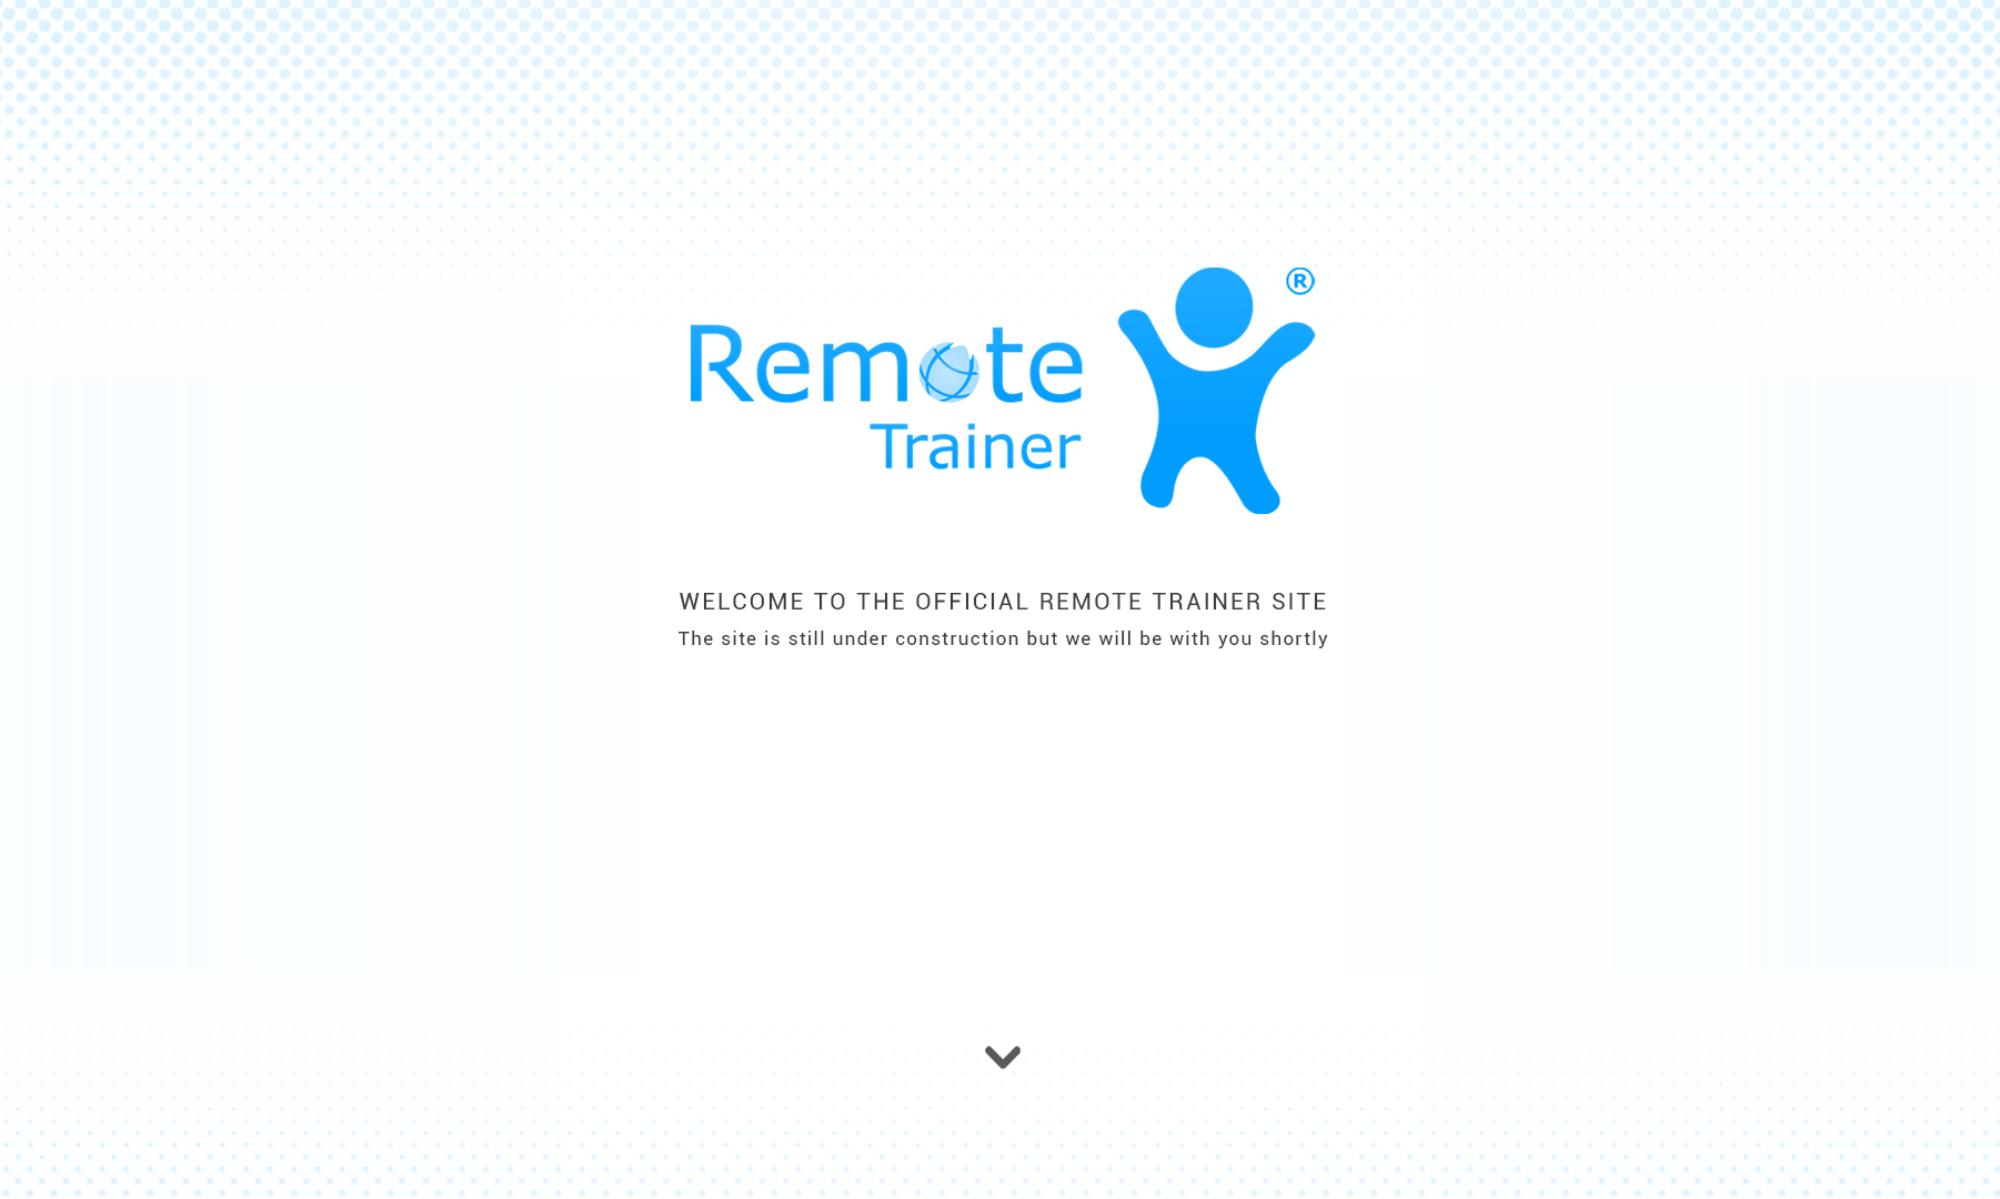 remotetrainer.com